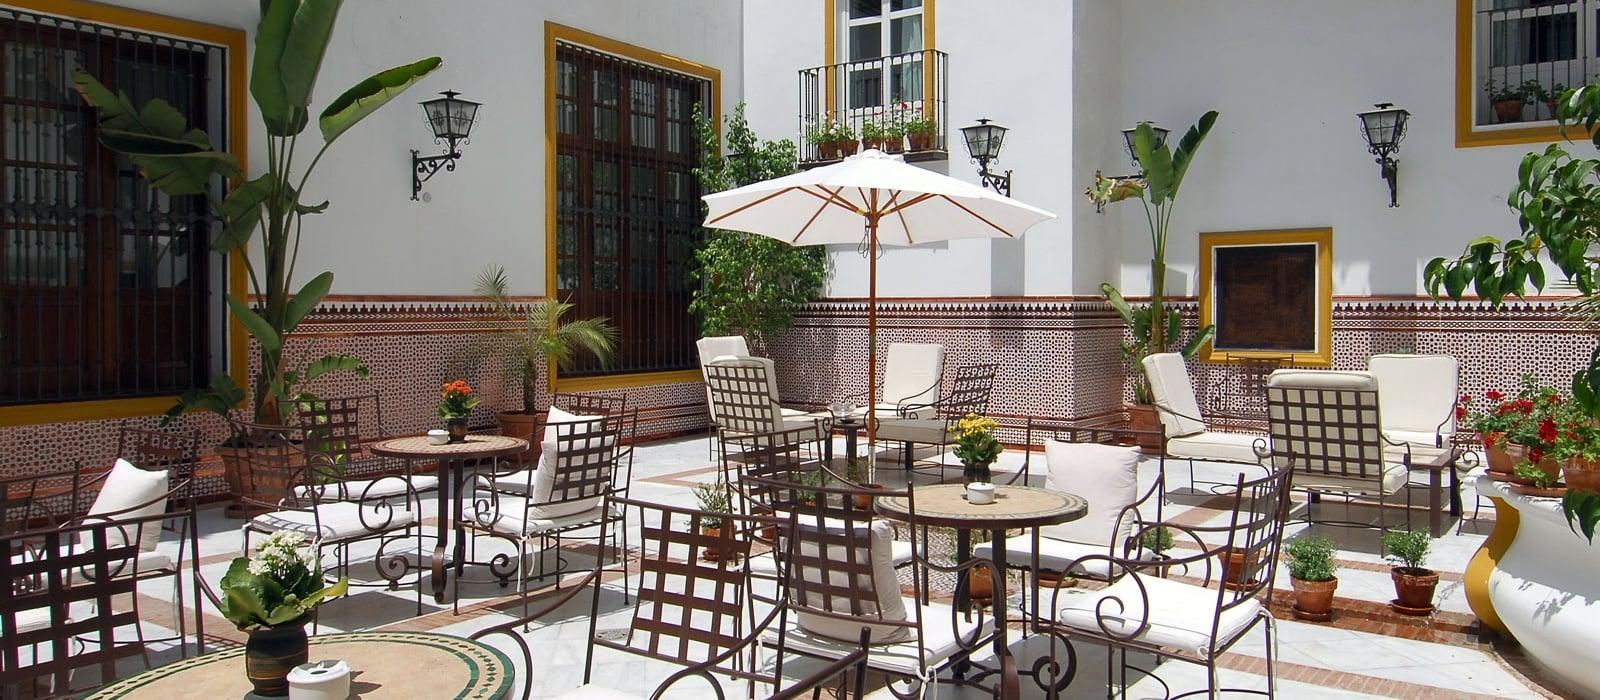 Servicios hotel sevilla la r bida vincci hoteles patio andaluz - Imagenes de patios andaluces ...